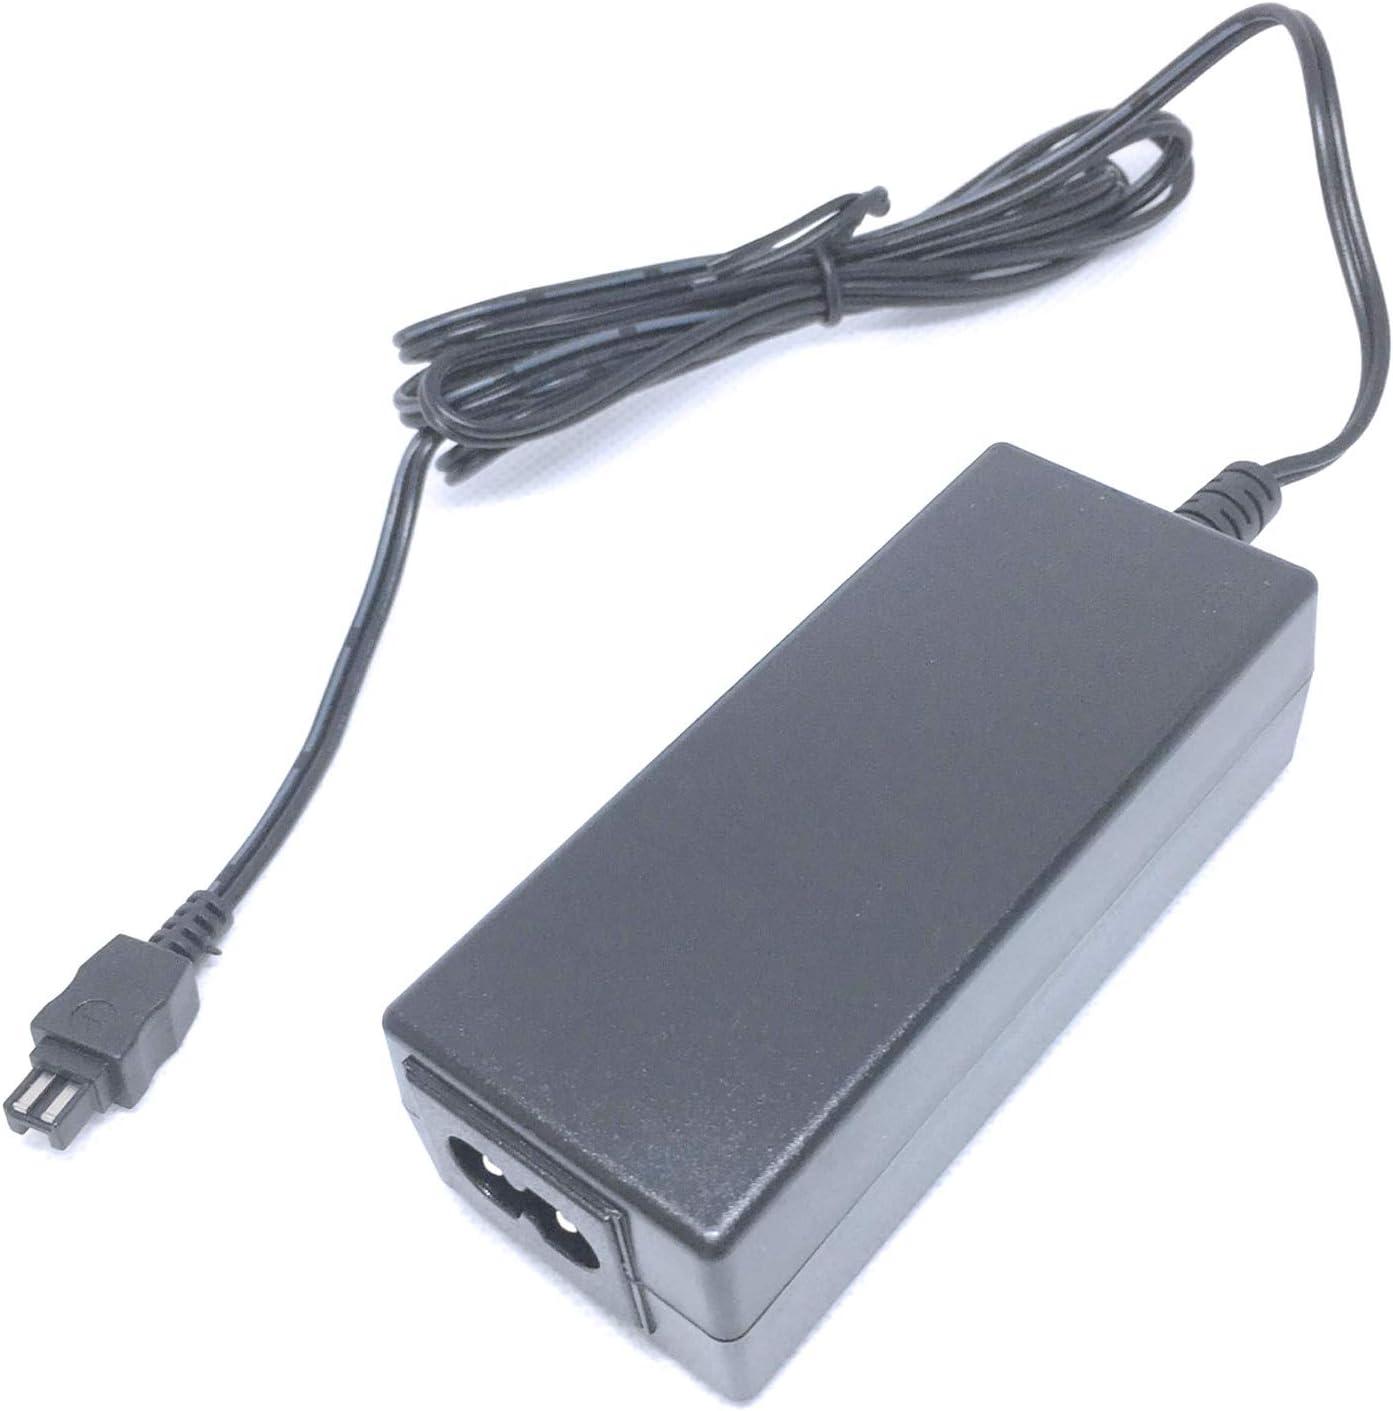 AC Supply Power Adapter Charger for Sony DCR-SR42 DCR-SR45E Handycam Camcorder DCR-SR42E DCR-SR45